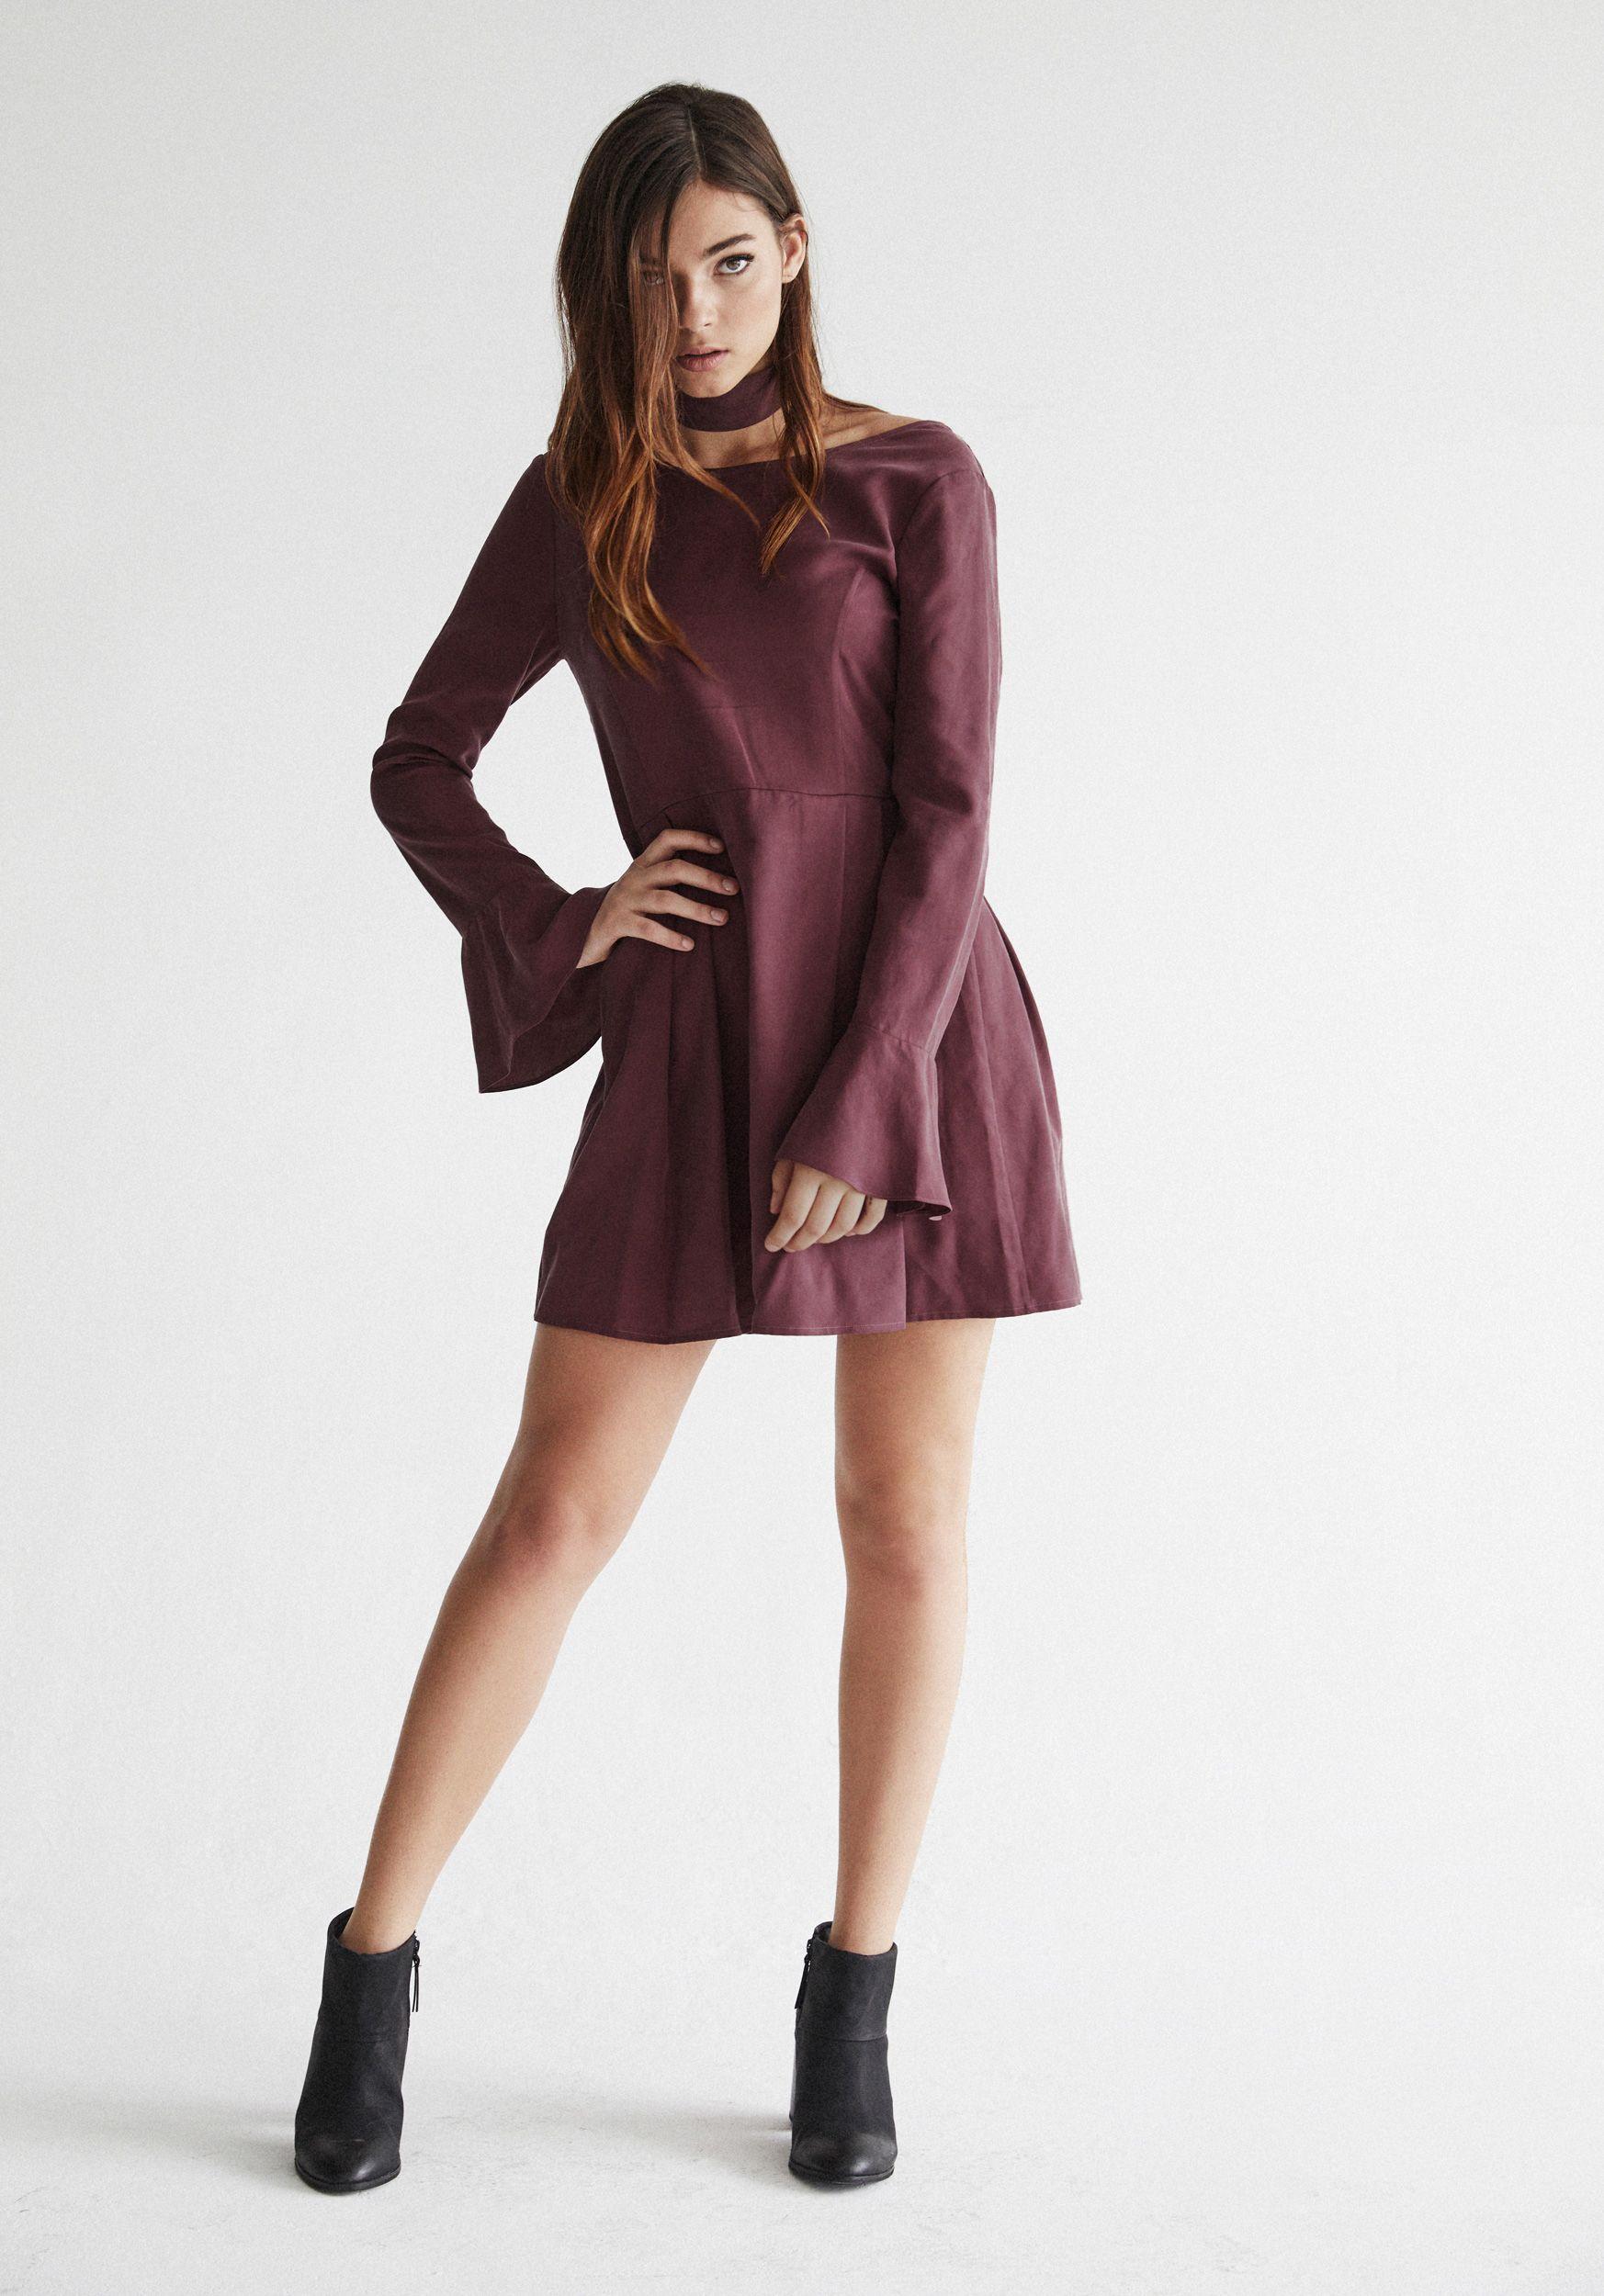 83603758b6b VETTA Convertible Bell Sleeve Dress